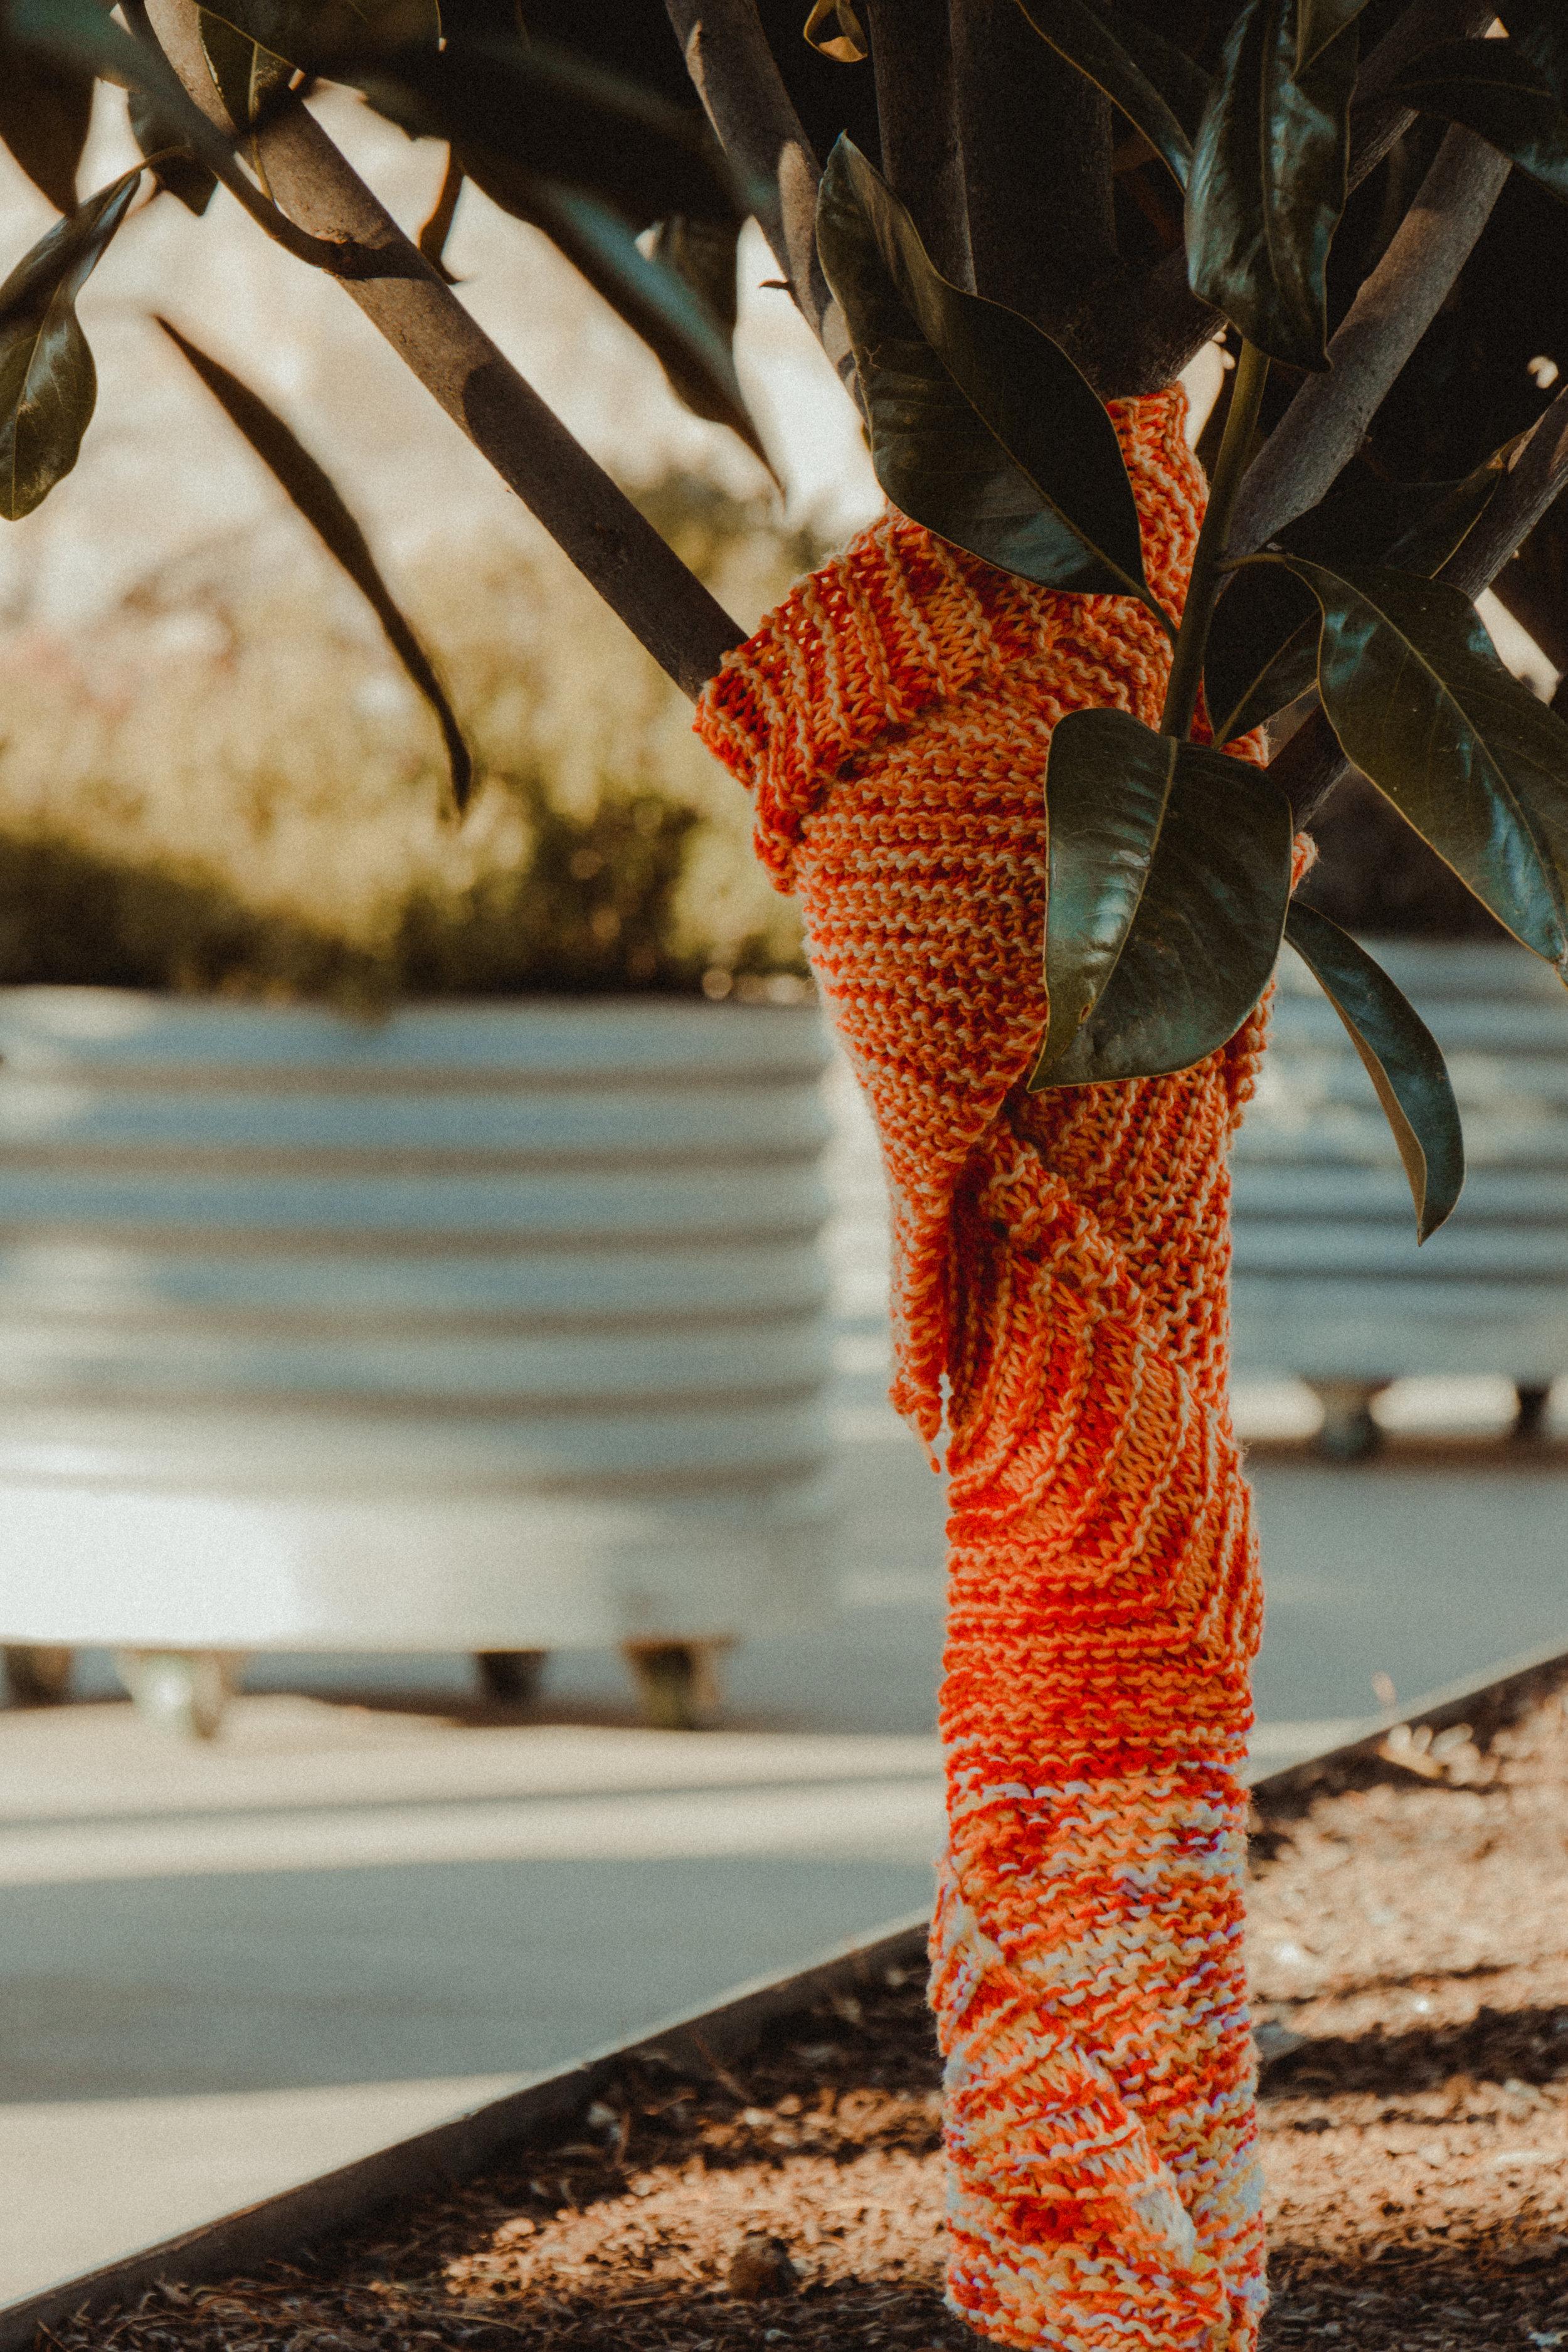 arboretum-11.jpg